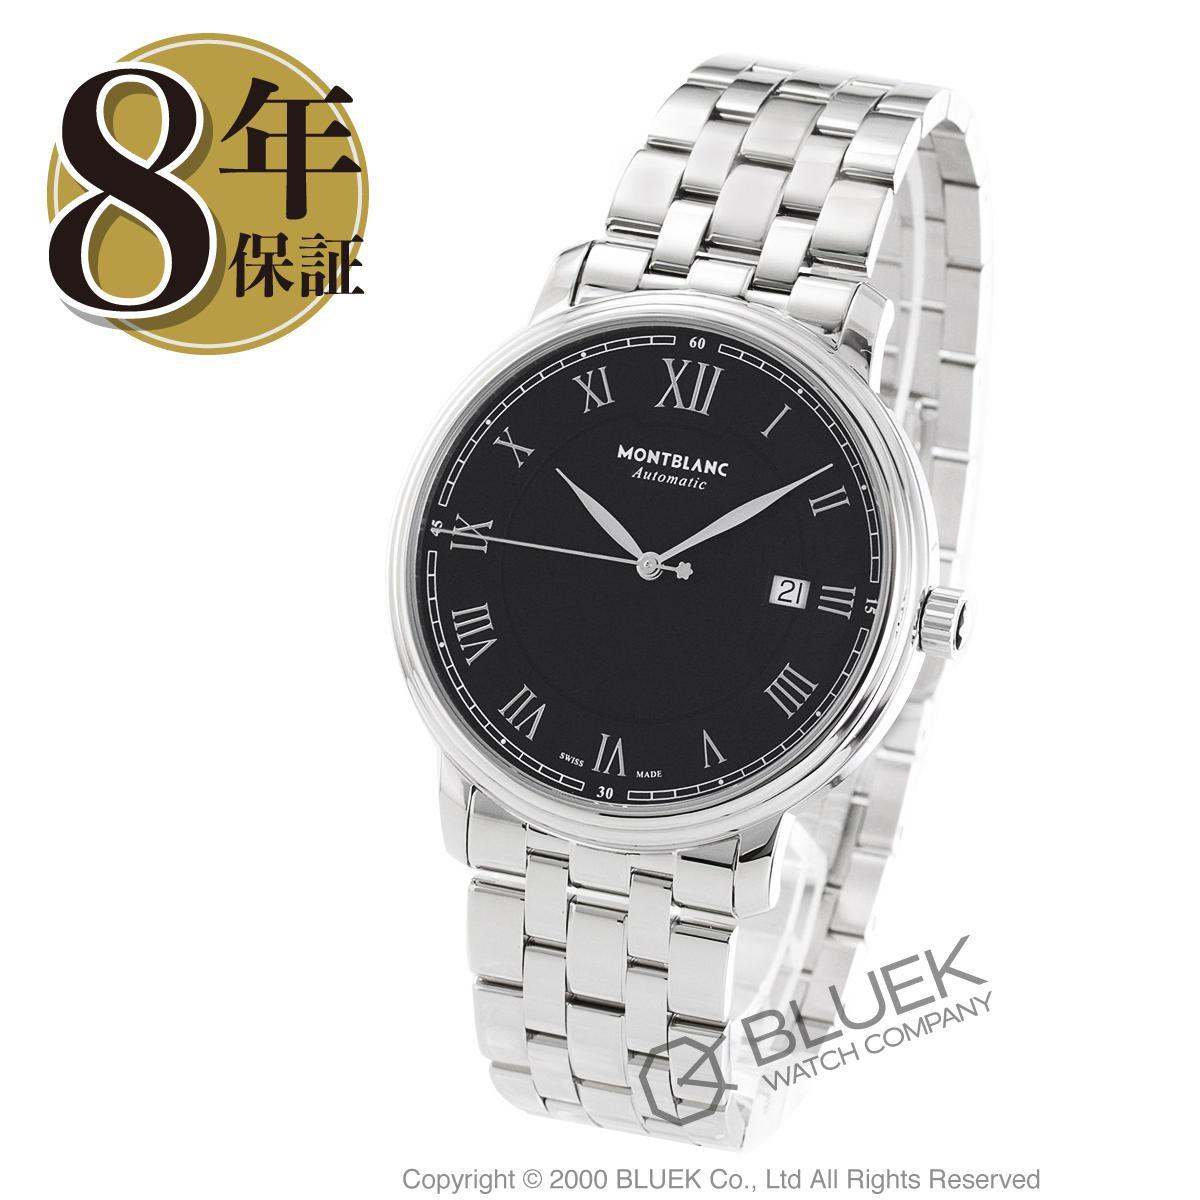 【最大3万円割引クーポン 11/01~】モンブラン トラディション 腕時計 メンズ MONTBLANC 116483_8